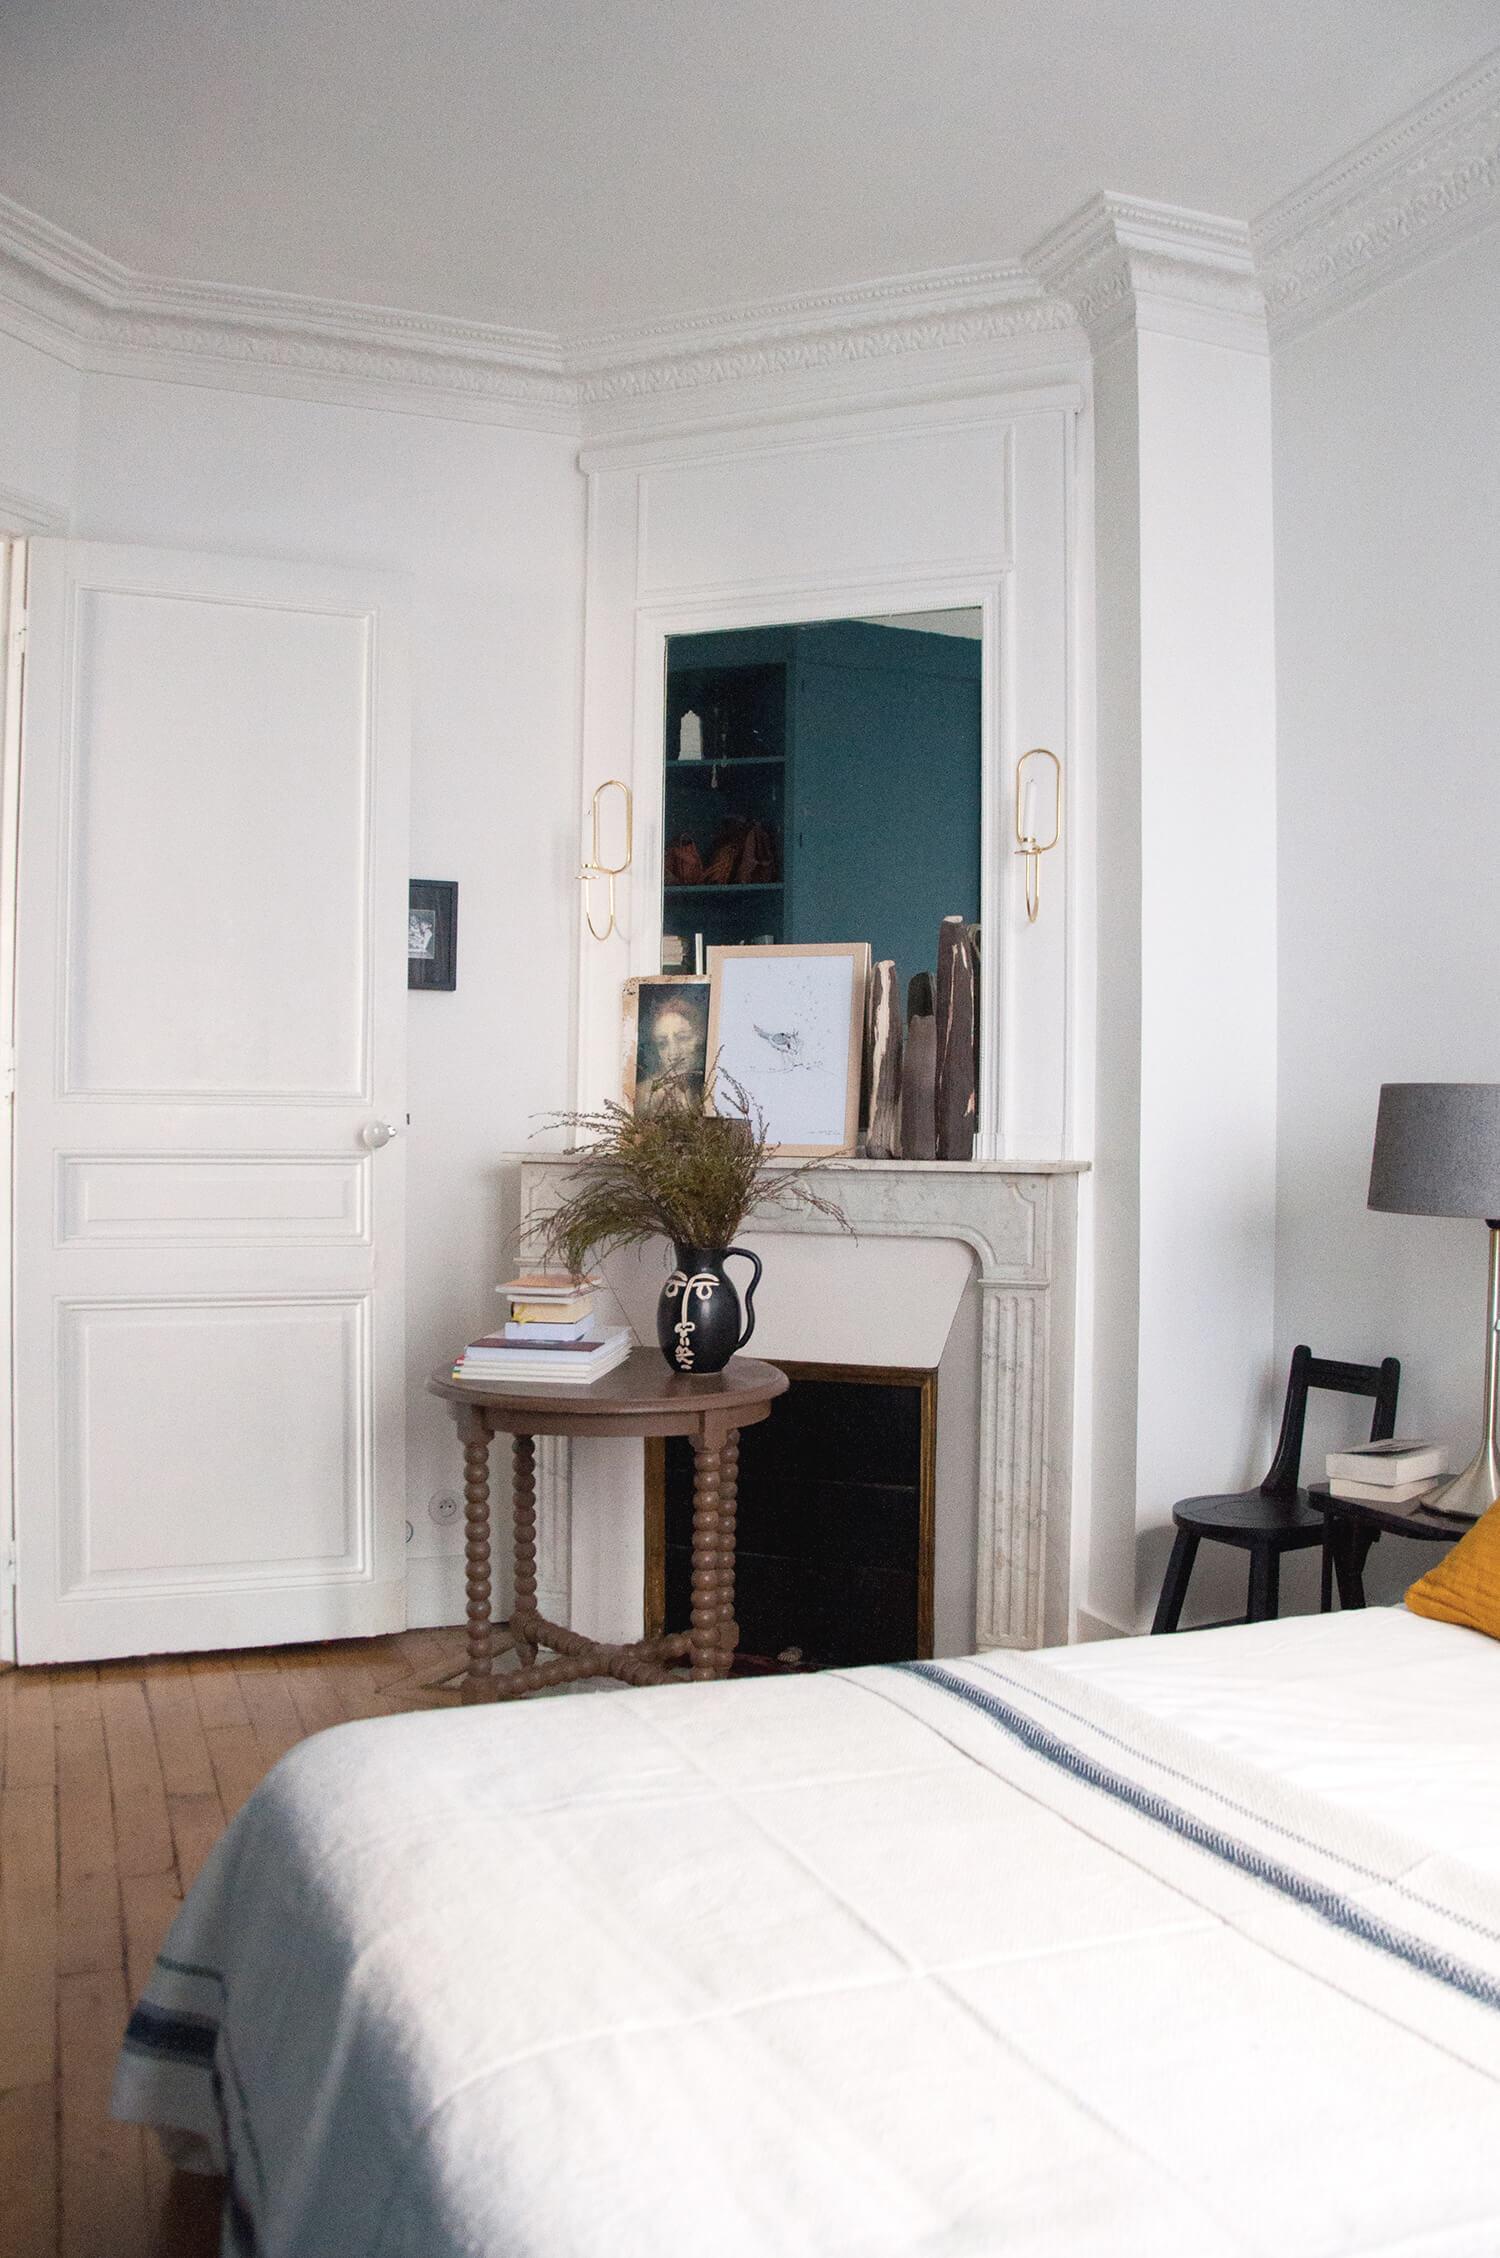 Quand Bel Ordinaire revisite un intérieur parisien